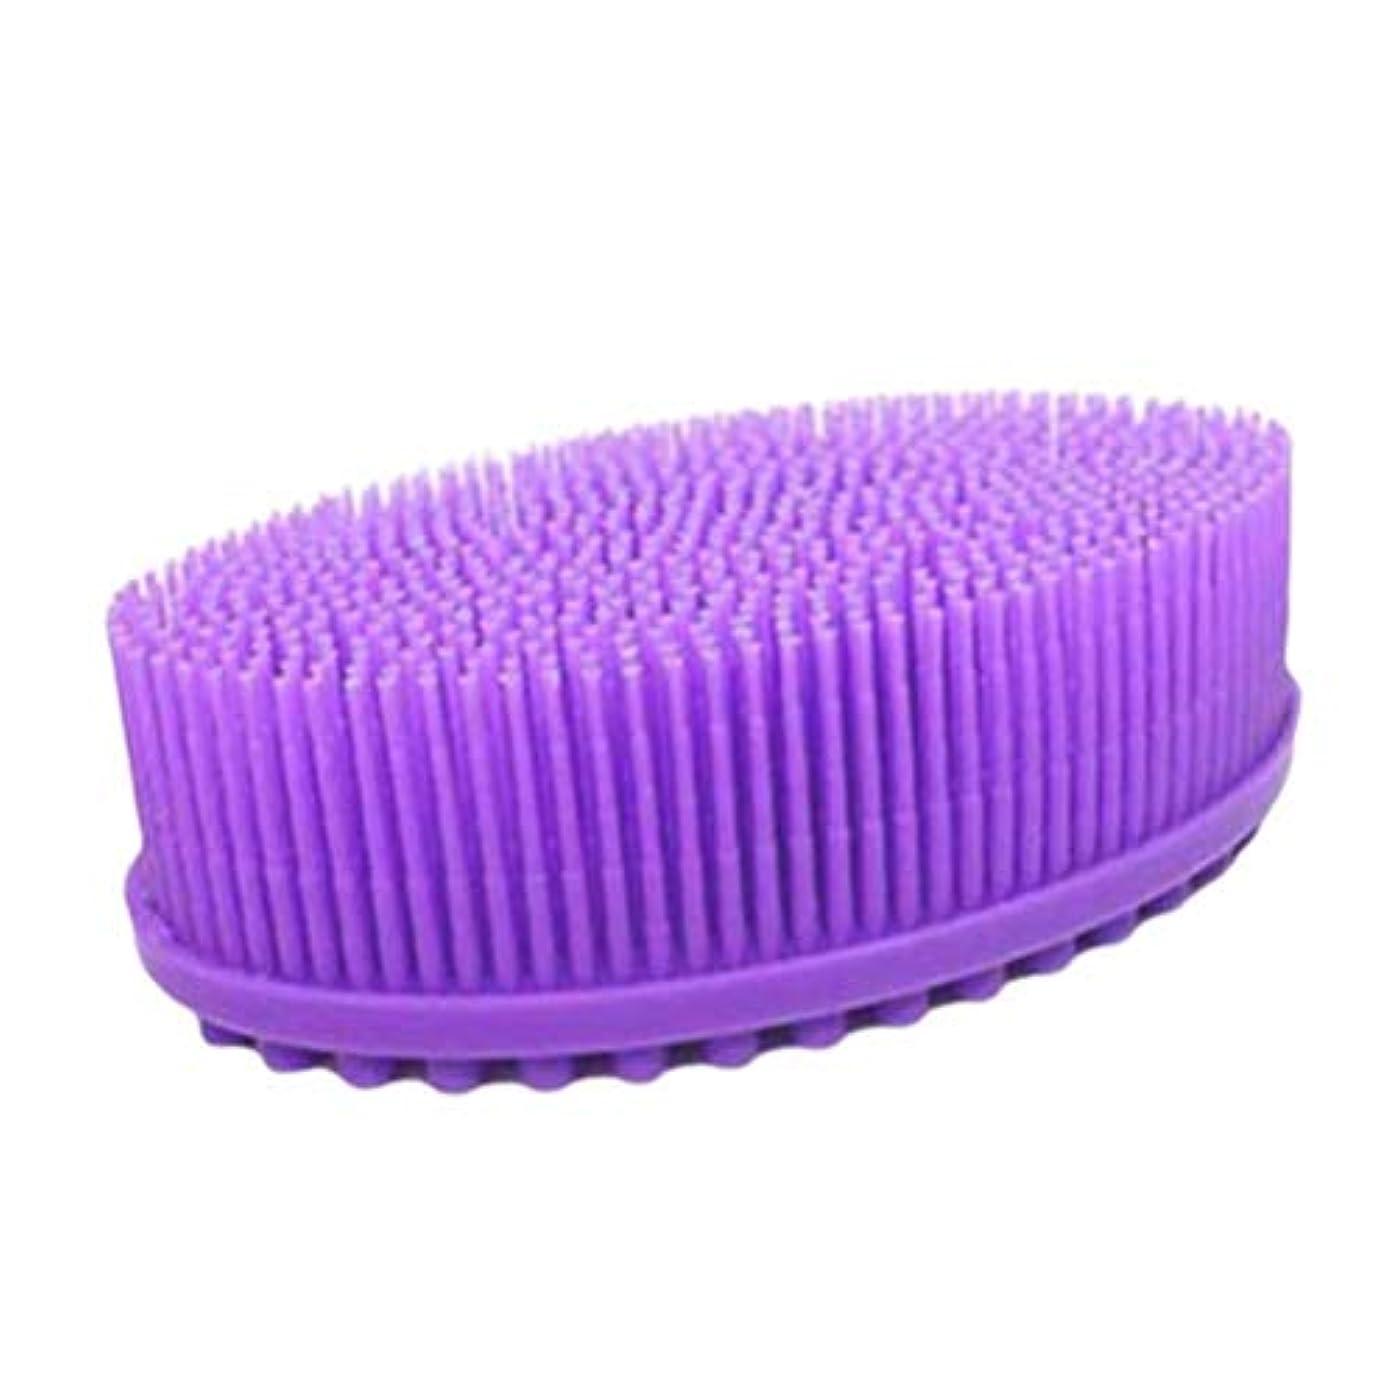 ぬいぐるみスーツ愛情深いTOPBATHY ベビーシリコンボディヘアシャンプーブラシバスバックブラシスキンマッサージラウンドヘッドボディシャワーブラシ(紫)